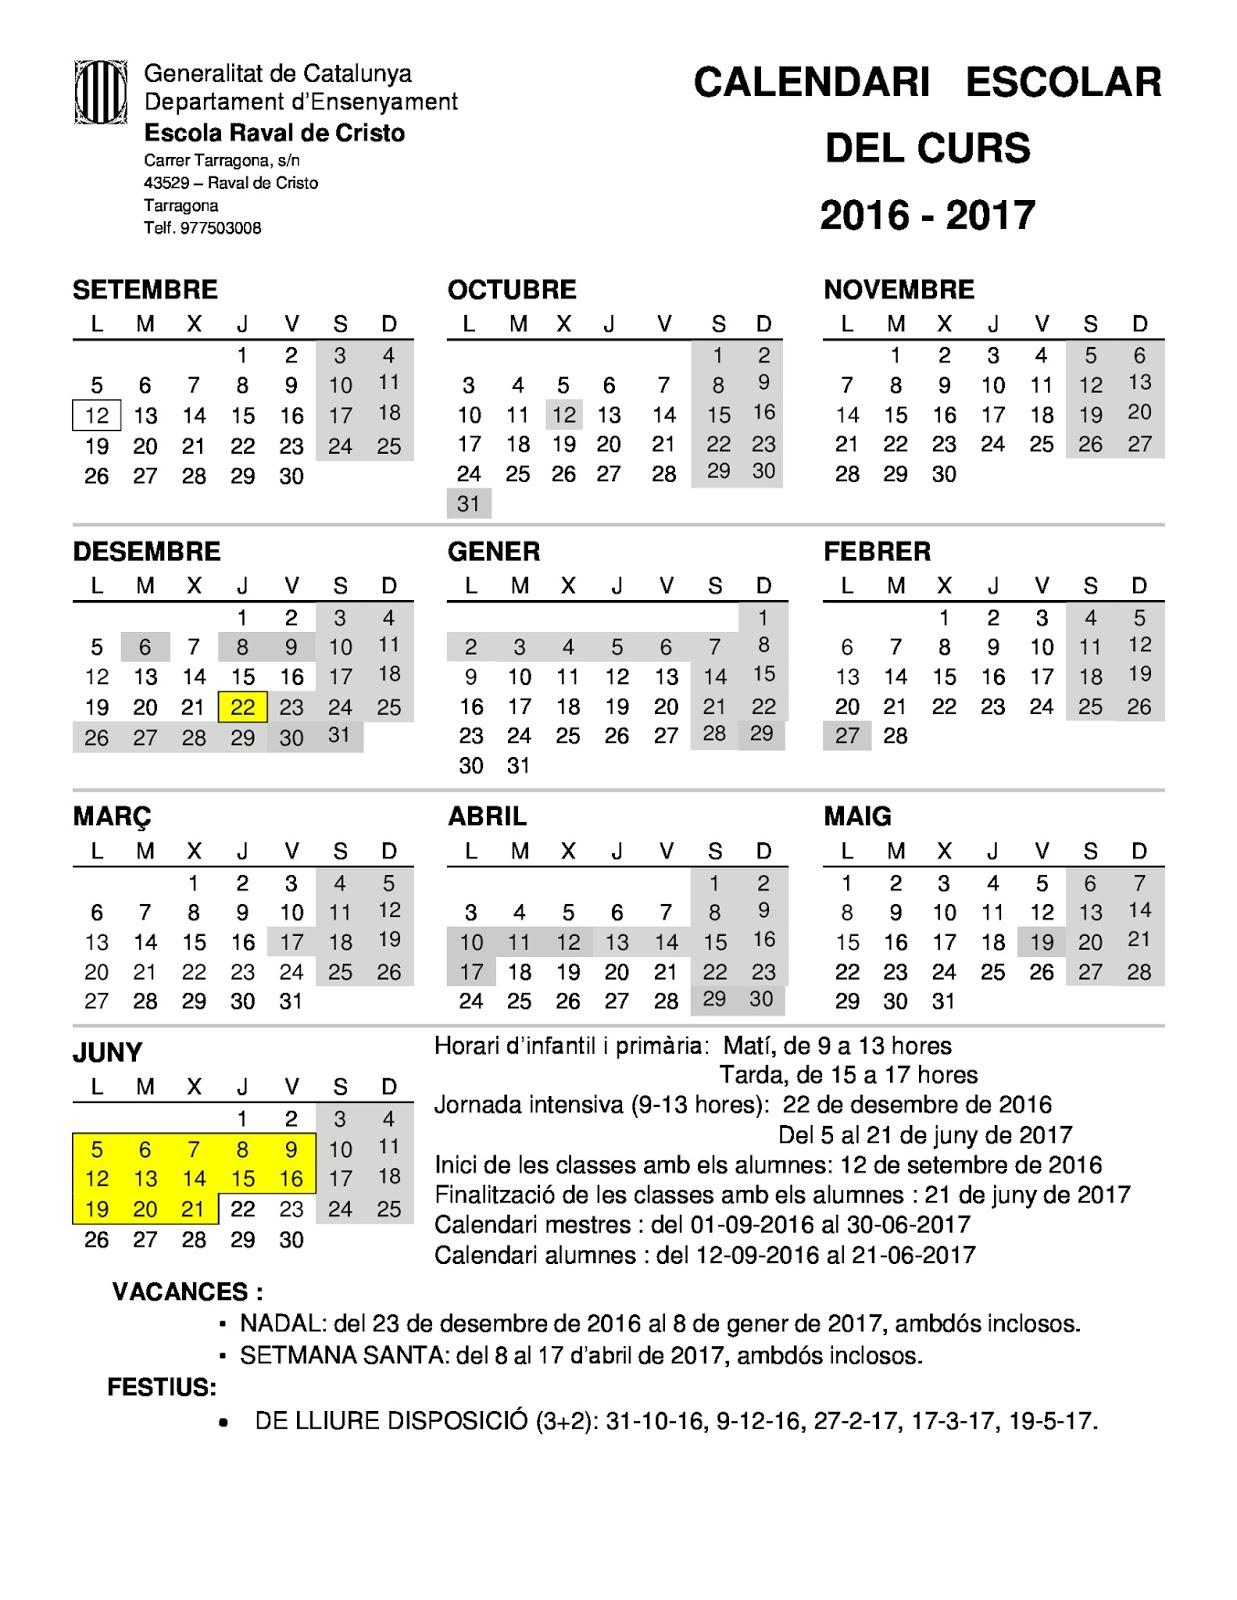 Escola Raval de Cristo: CALENDARI CURS 2016/2017